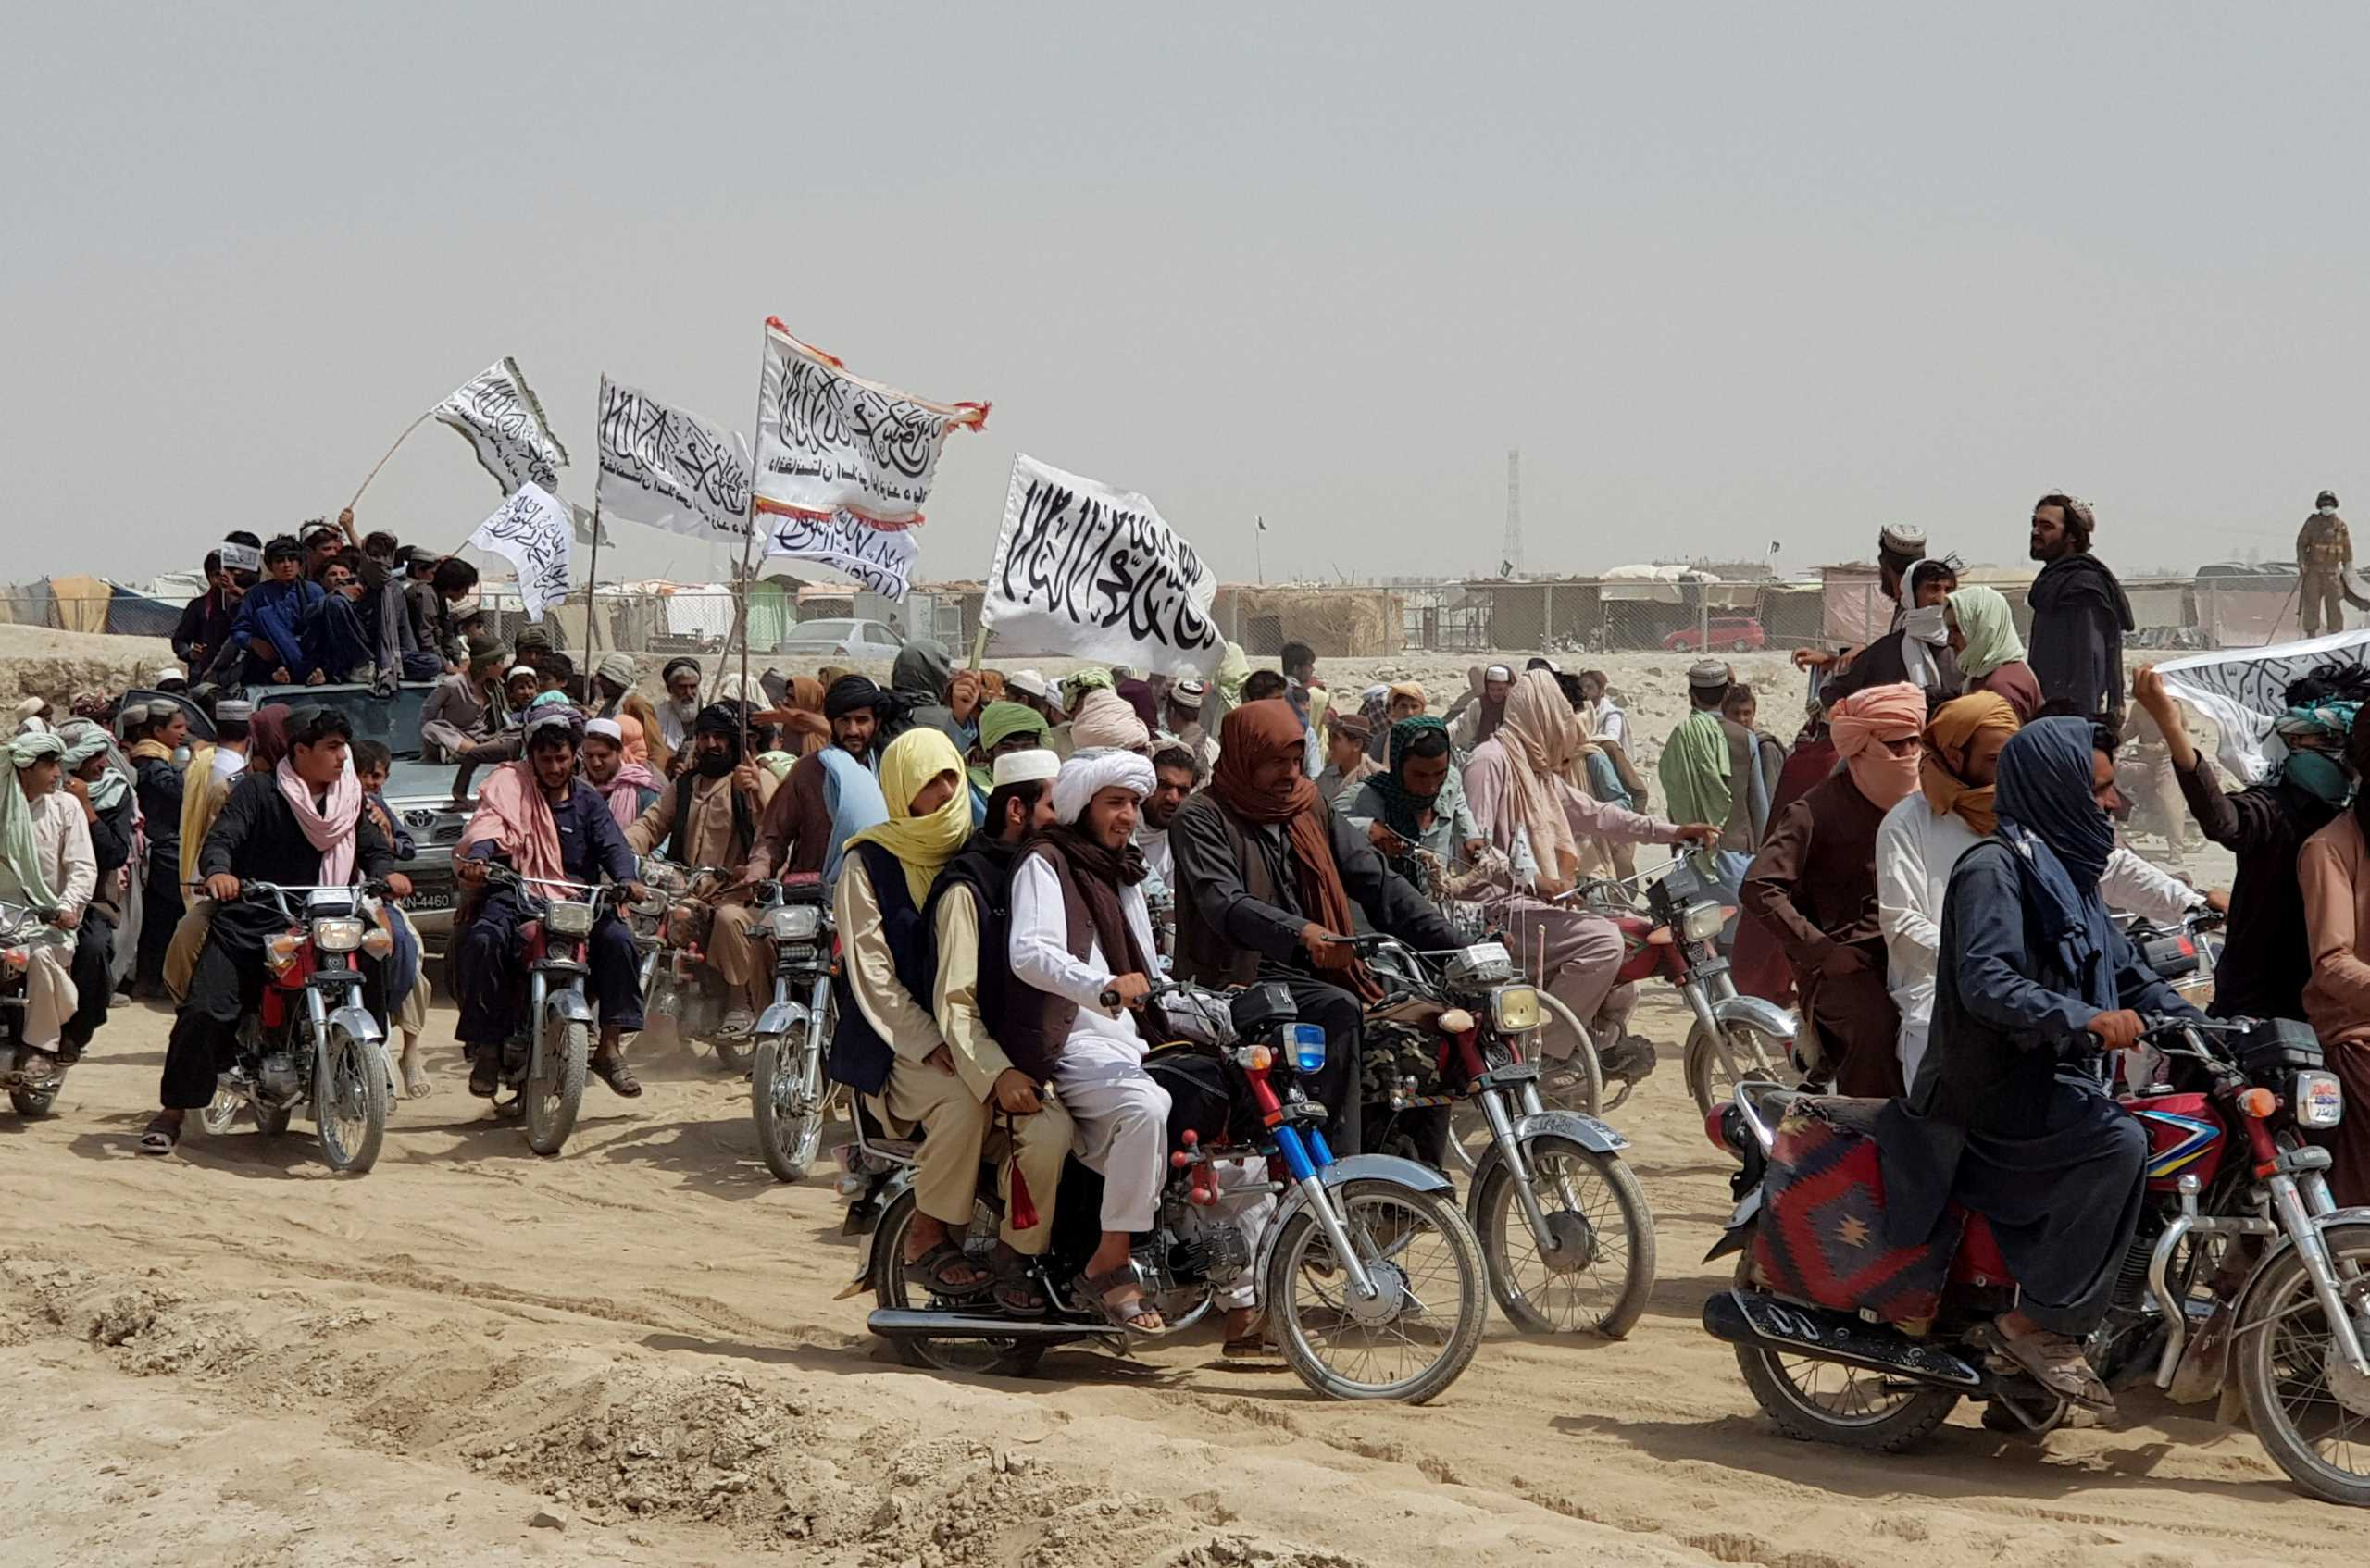 Αφγανιστάν: Συναγερμός στην Αθήνα για το μεταναστευτικό – Φόβοι για ροές από την Τουρκία